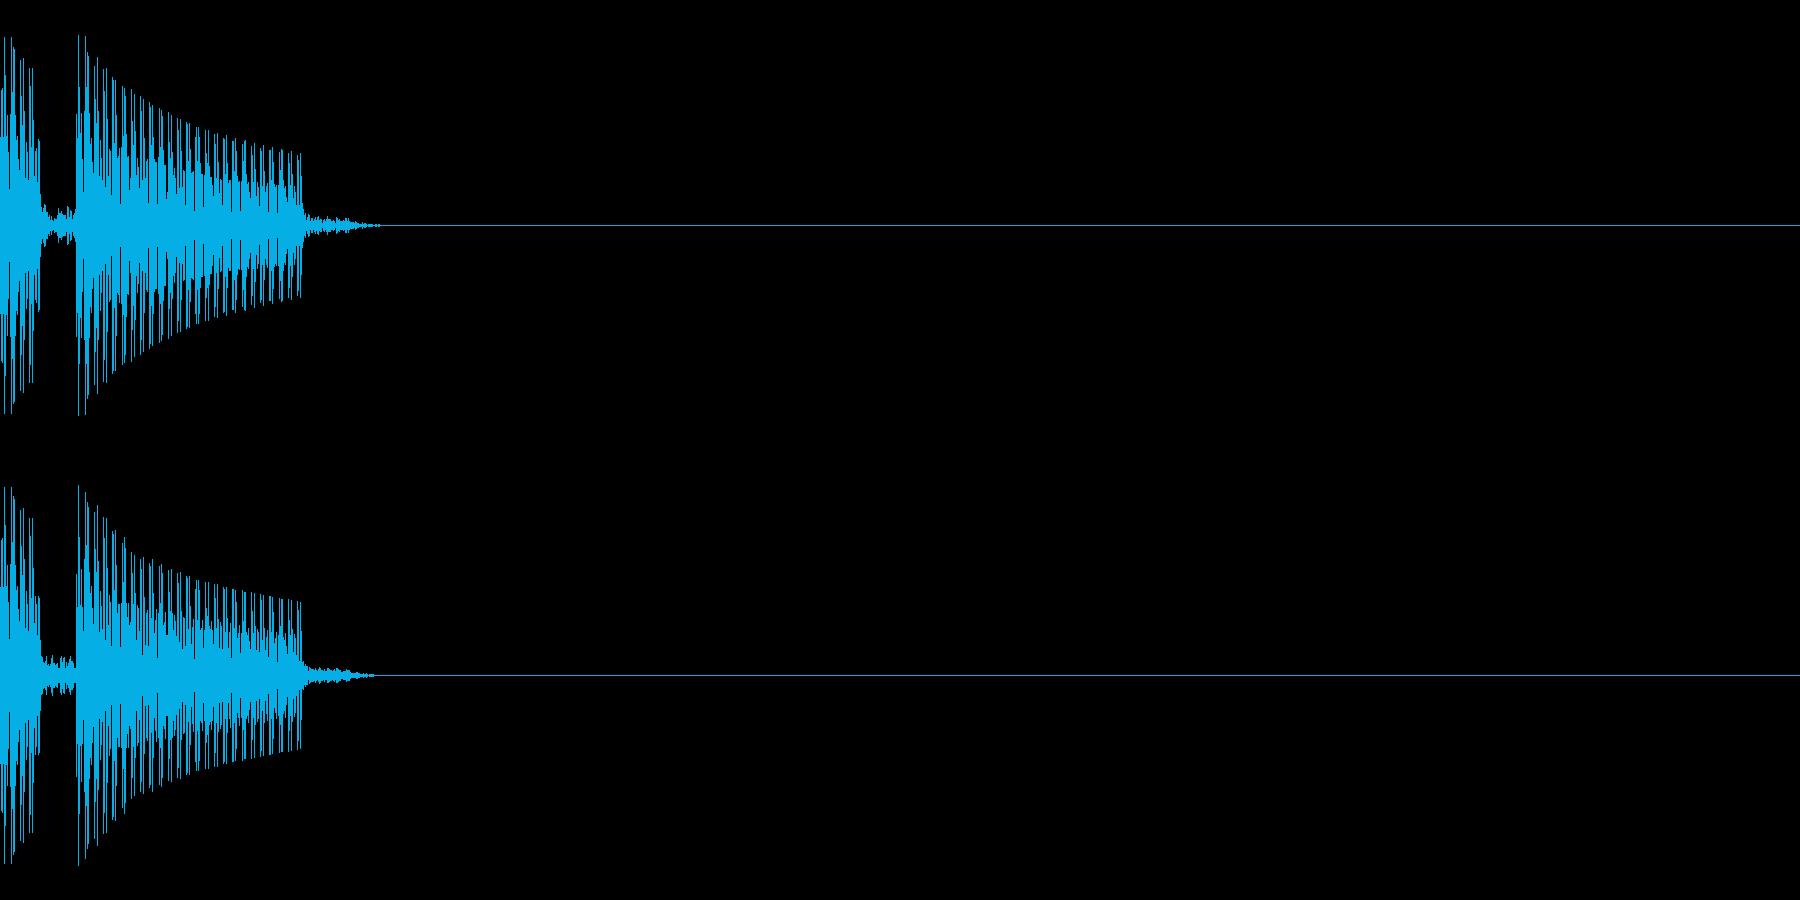 ブブー(クイズの不正解音)キー高めの再生済みの波形